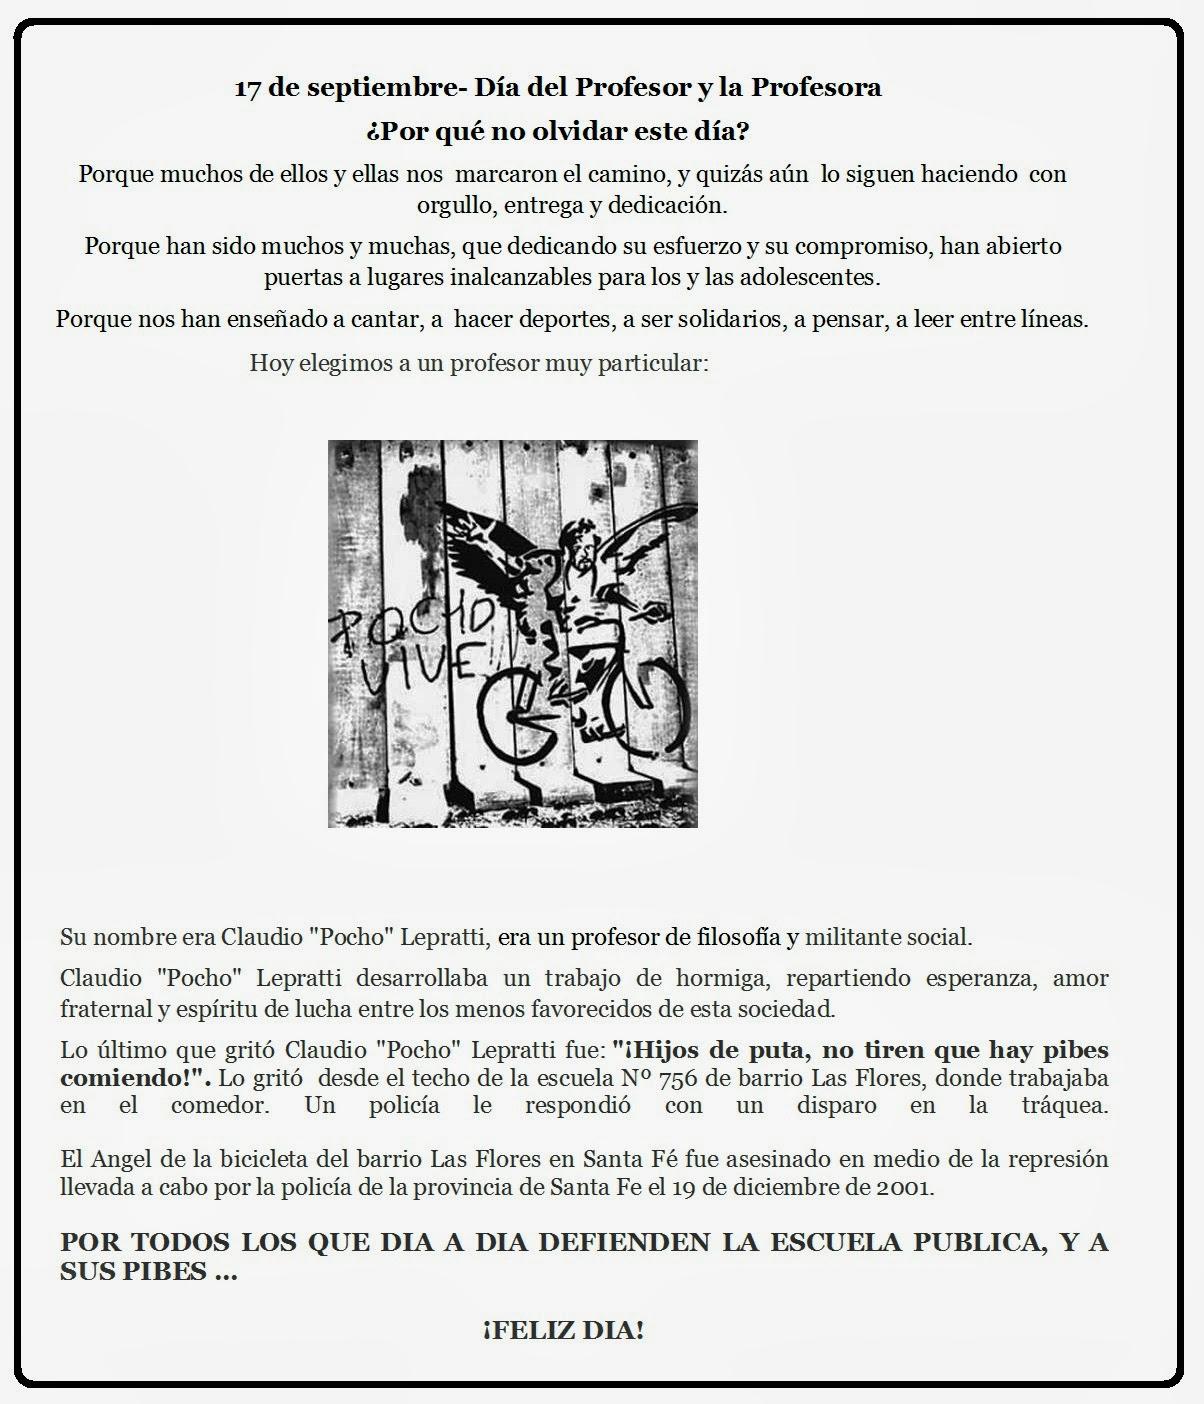 17 DE SEPTIEMBRE DIA DEL PROFESOR Y LA PROFESORA